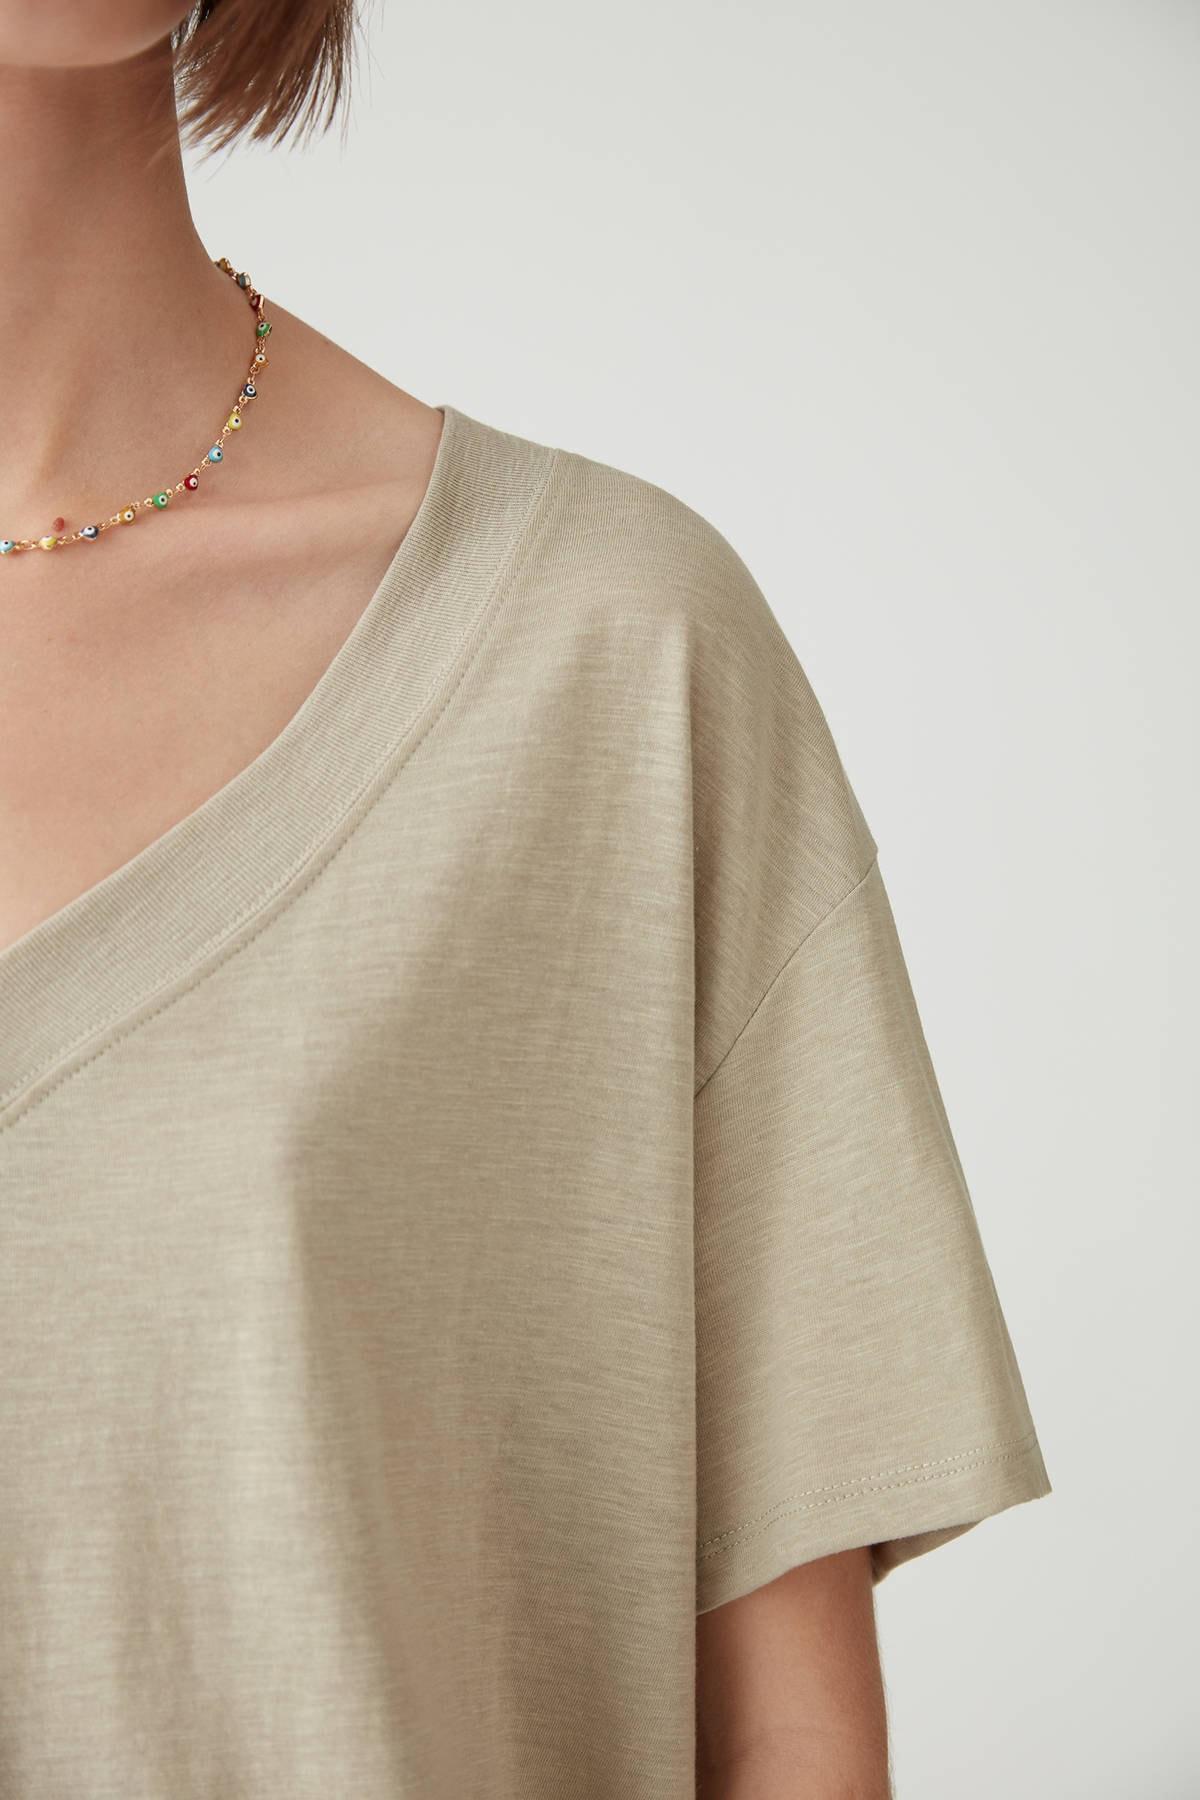 Pull & Bear Kadın Açık Haki Basic Oversize Düğümlü Örgü T-Shirt 05236324 3